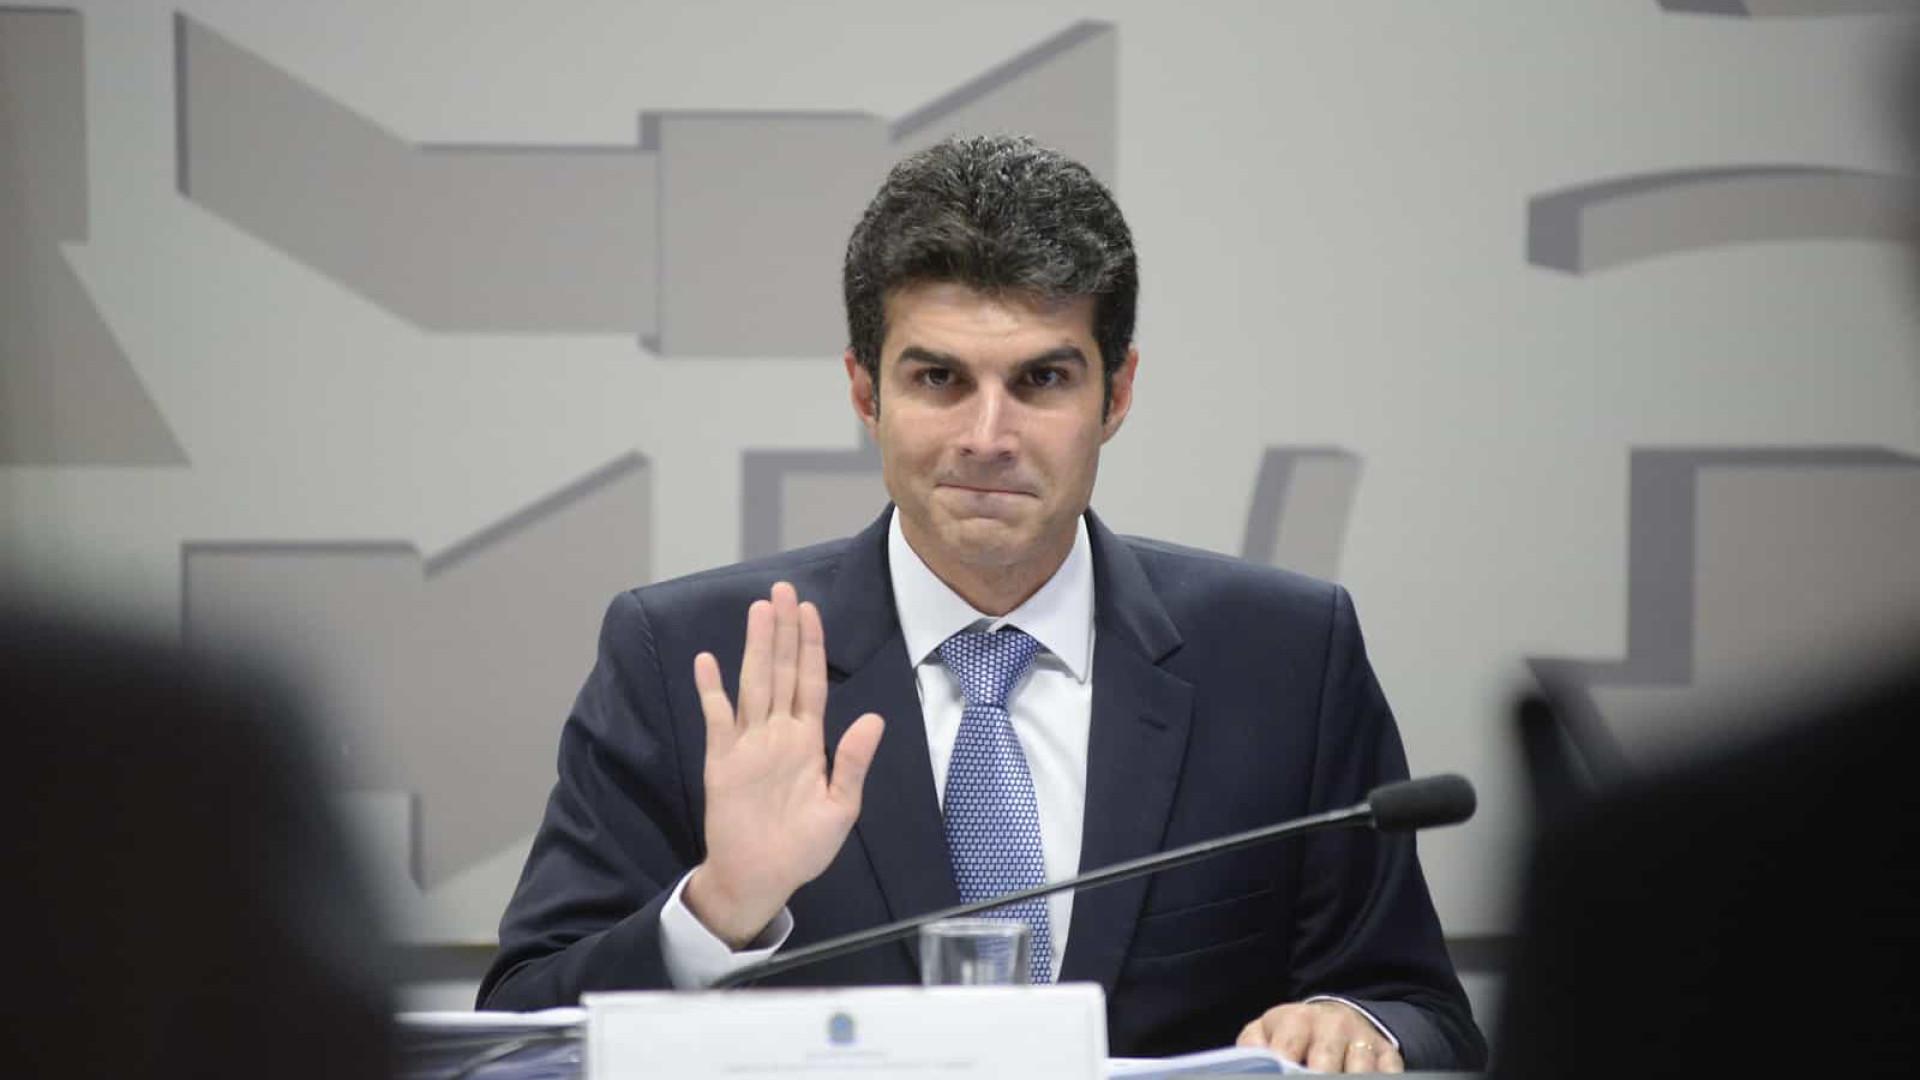 STJ bloqueia R$ 25 milhões de Helder Barbalho e mais 7 investigados